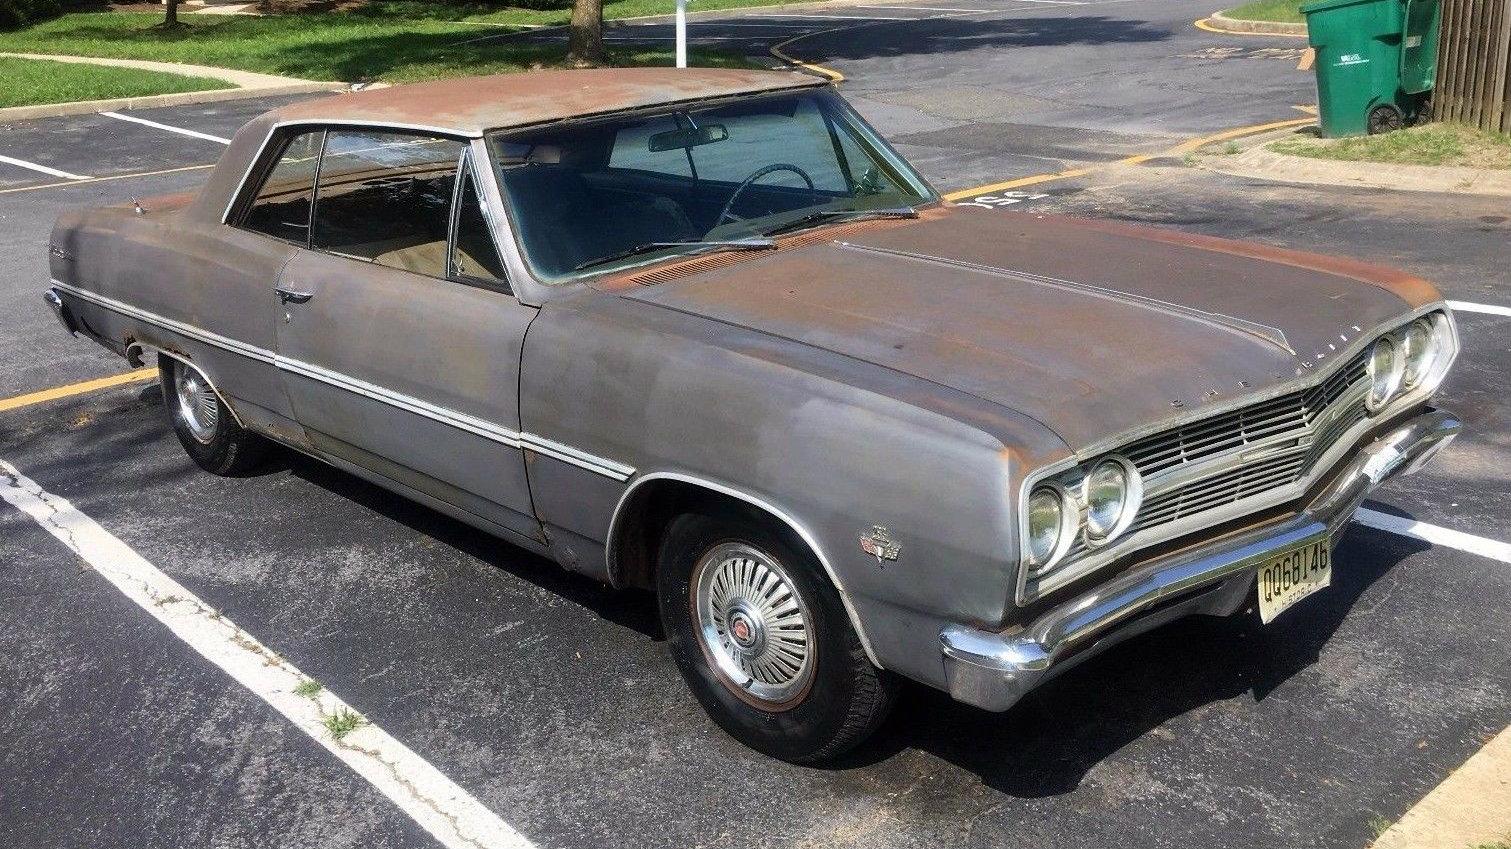 1965 Chevelle Malibu A Bargain